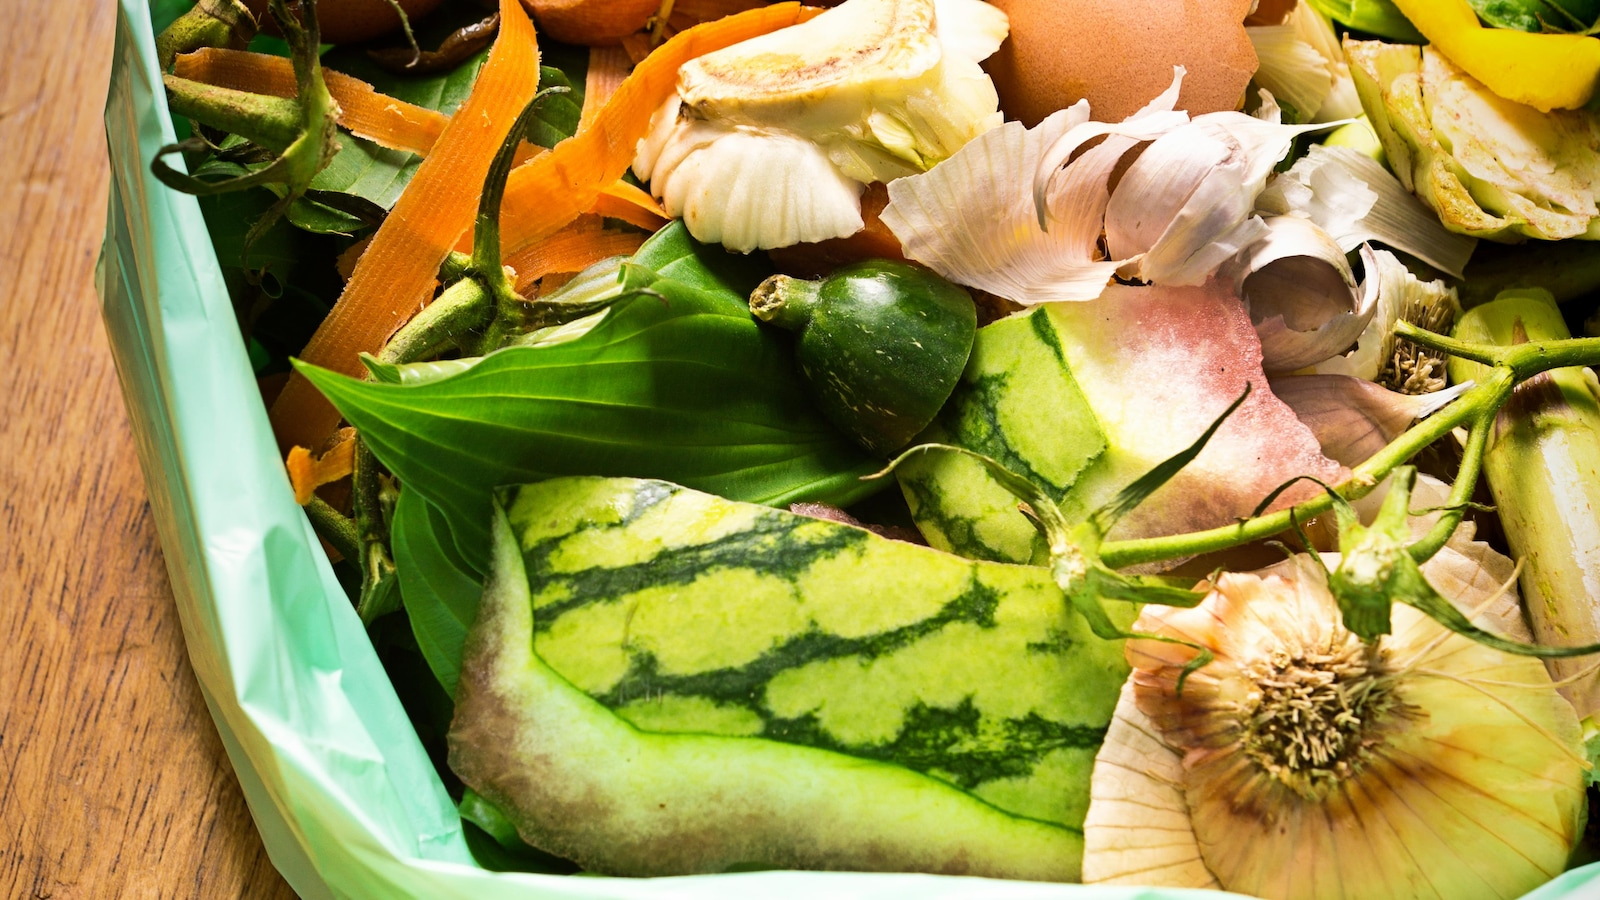 Plusieurs déchets de légumes et fruits dans un sac